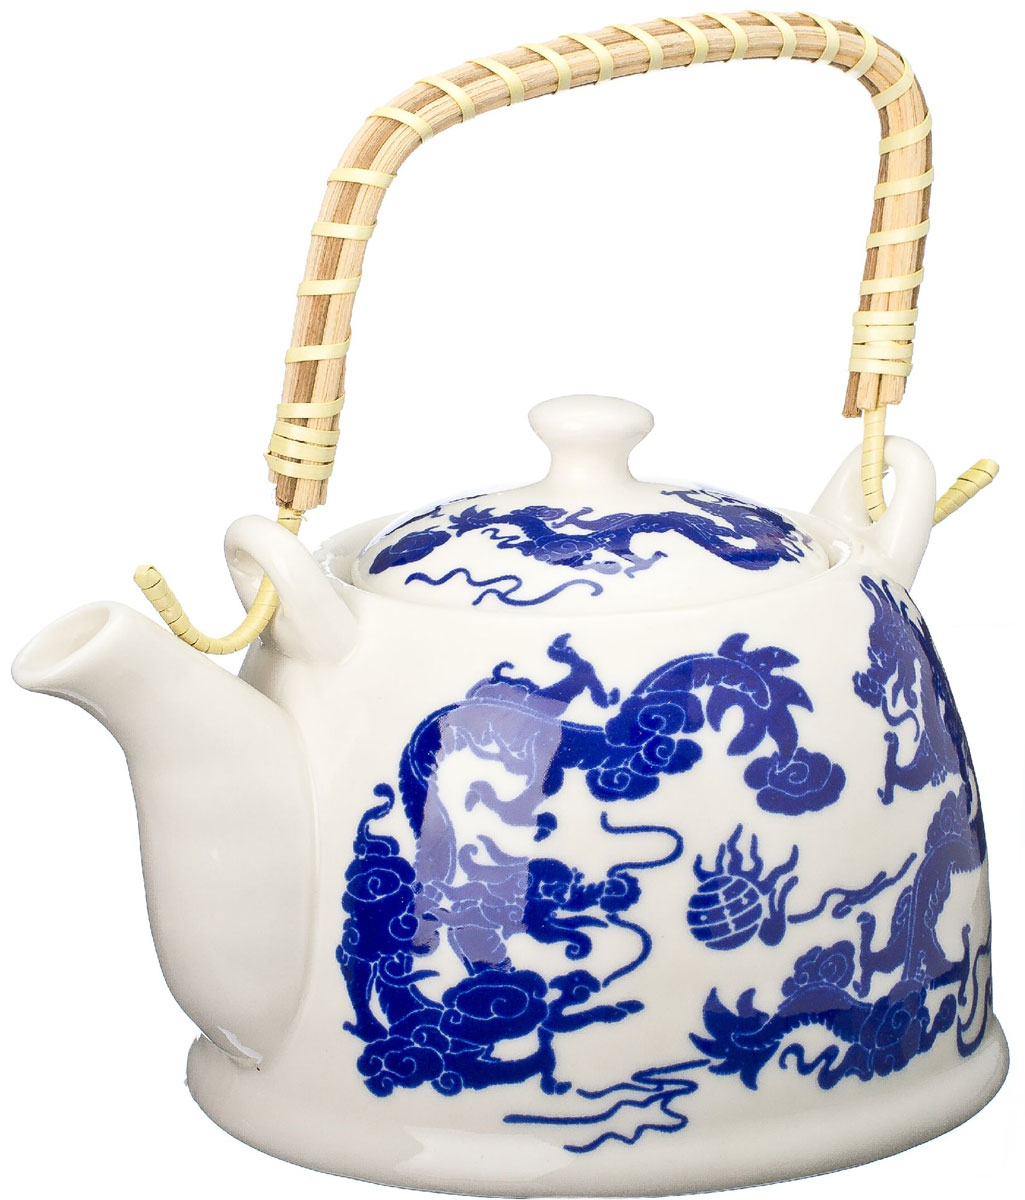 Чайник заварочный Vetta Синий дракон, с фильтром, 900 мл839019Украсьте свое чаепитие изысканным чайником VettaСиний дракон, декорированный красочным изображением дракона. В чайнике имеется металлическое ситечко, ручка чайника декорирована бамбуковым волокном. В этом красивом чайнике чай получается очень насыщенным, ароматным и долго остается горячим.Упакован в подарочный короб, что может послужить отличным подарком родным и близким.